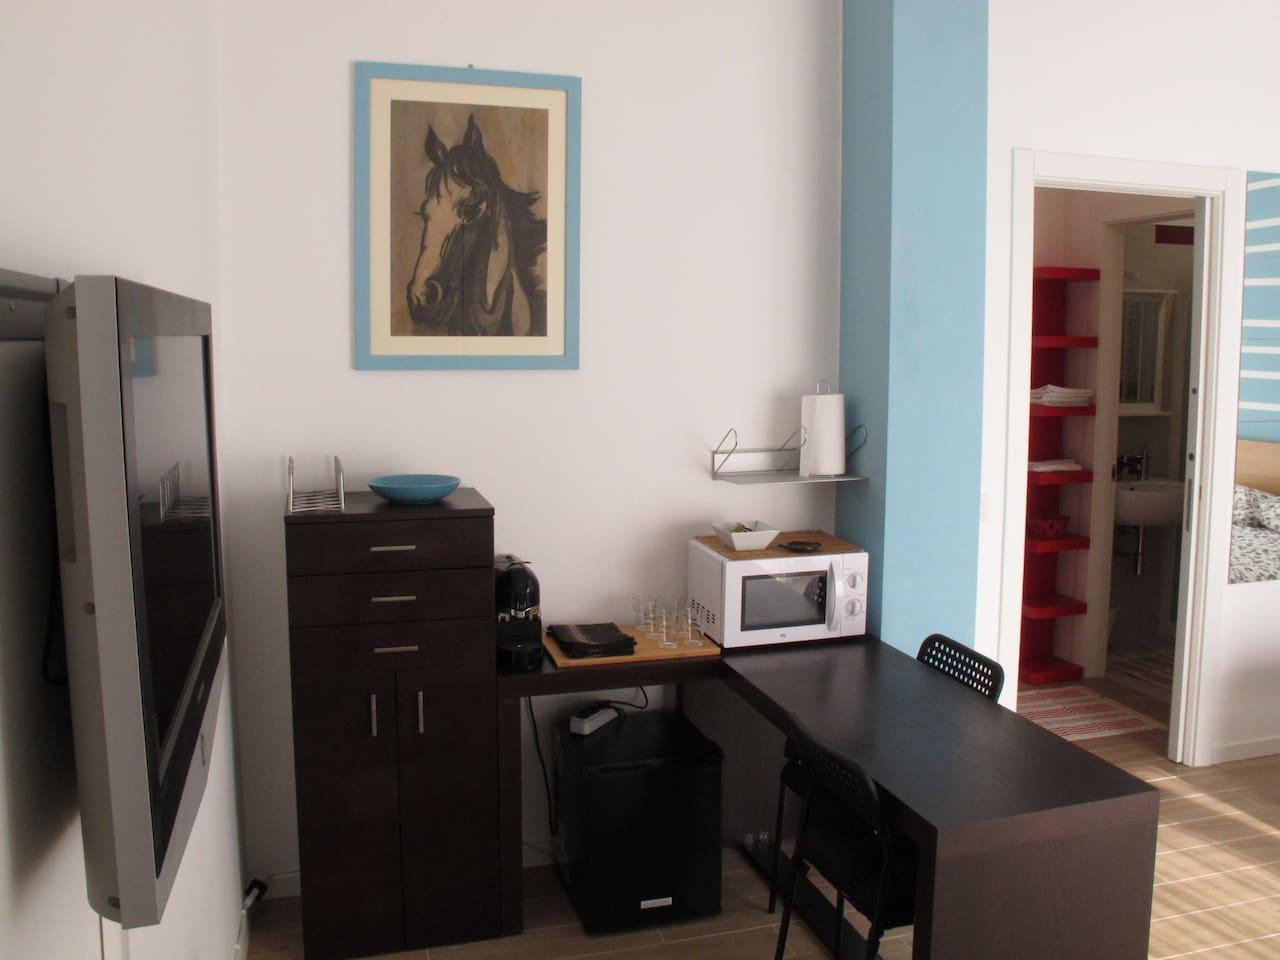 La zona giorno dispone di tavolo, forno a microonde, macchina del caffè espresso, frigobar, credenza con stoviglie, tv a schermo piatto